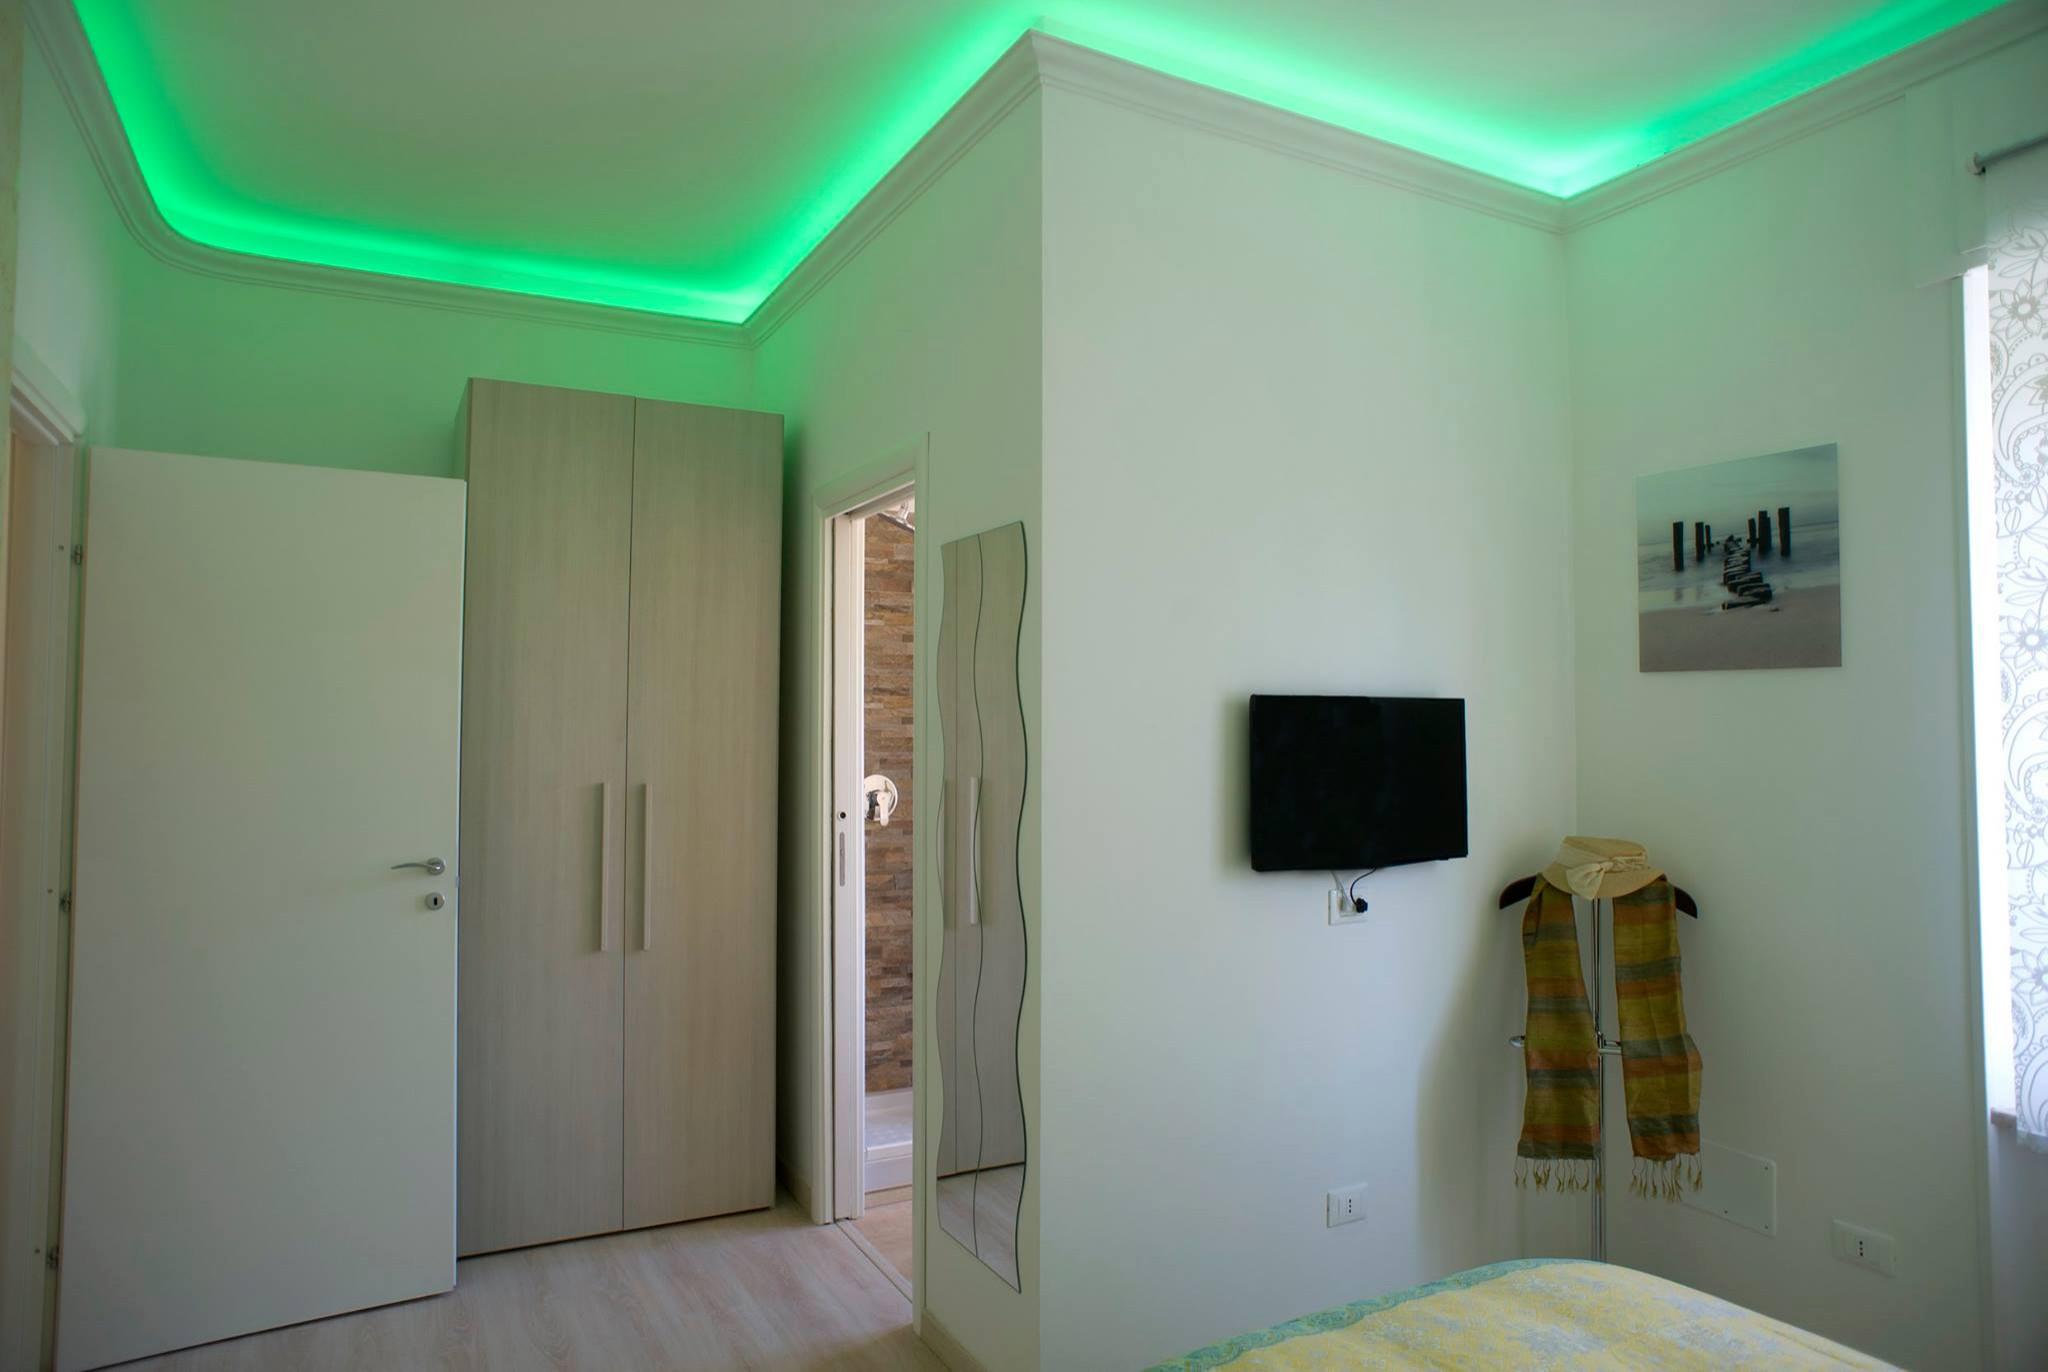 Casa con illuminazione Led